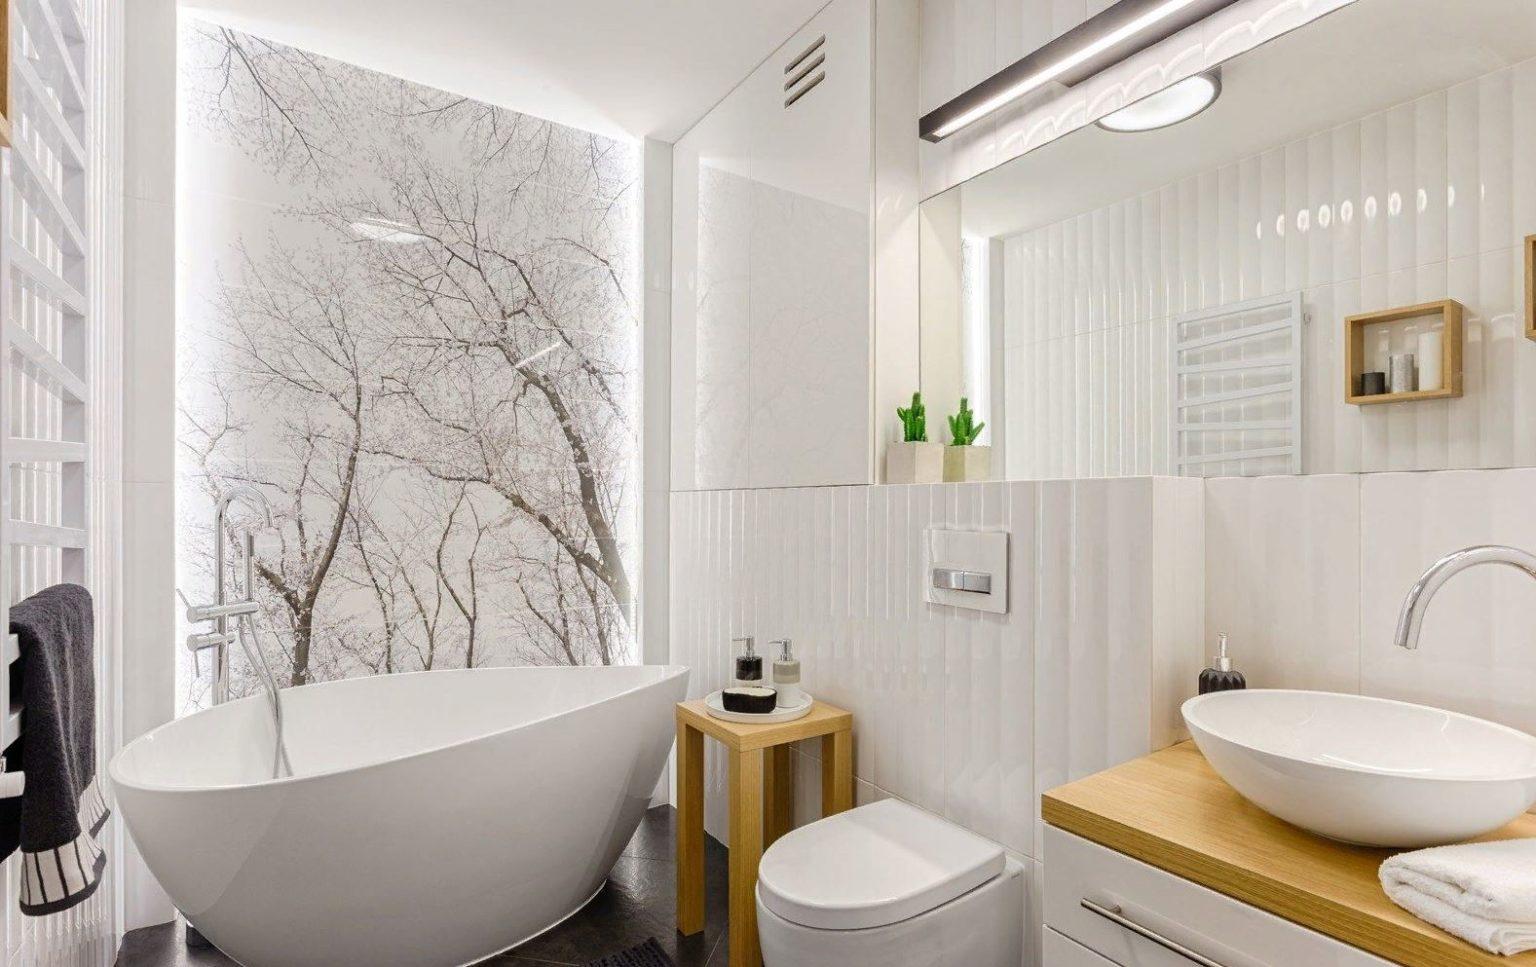 100 лучших идей: дизайн ванной комнаты в скандинавском стиле